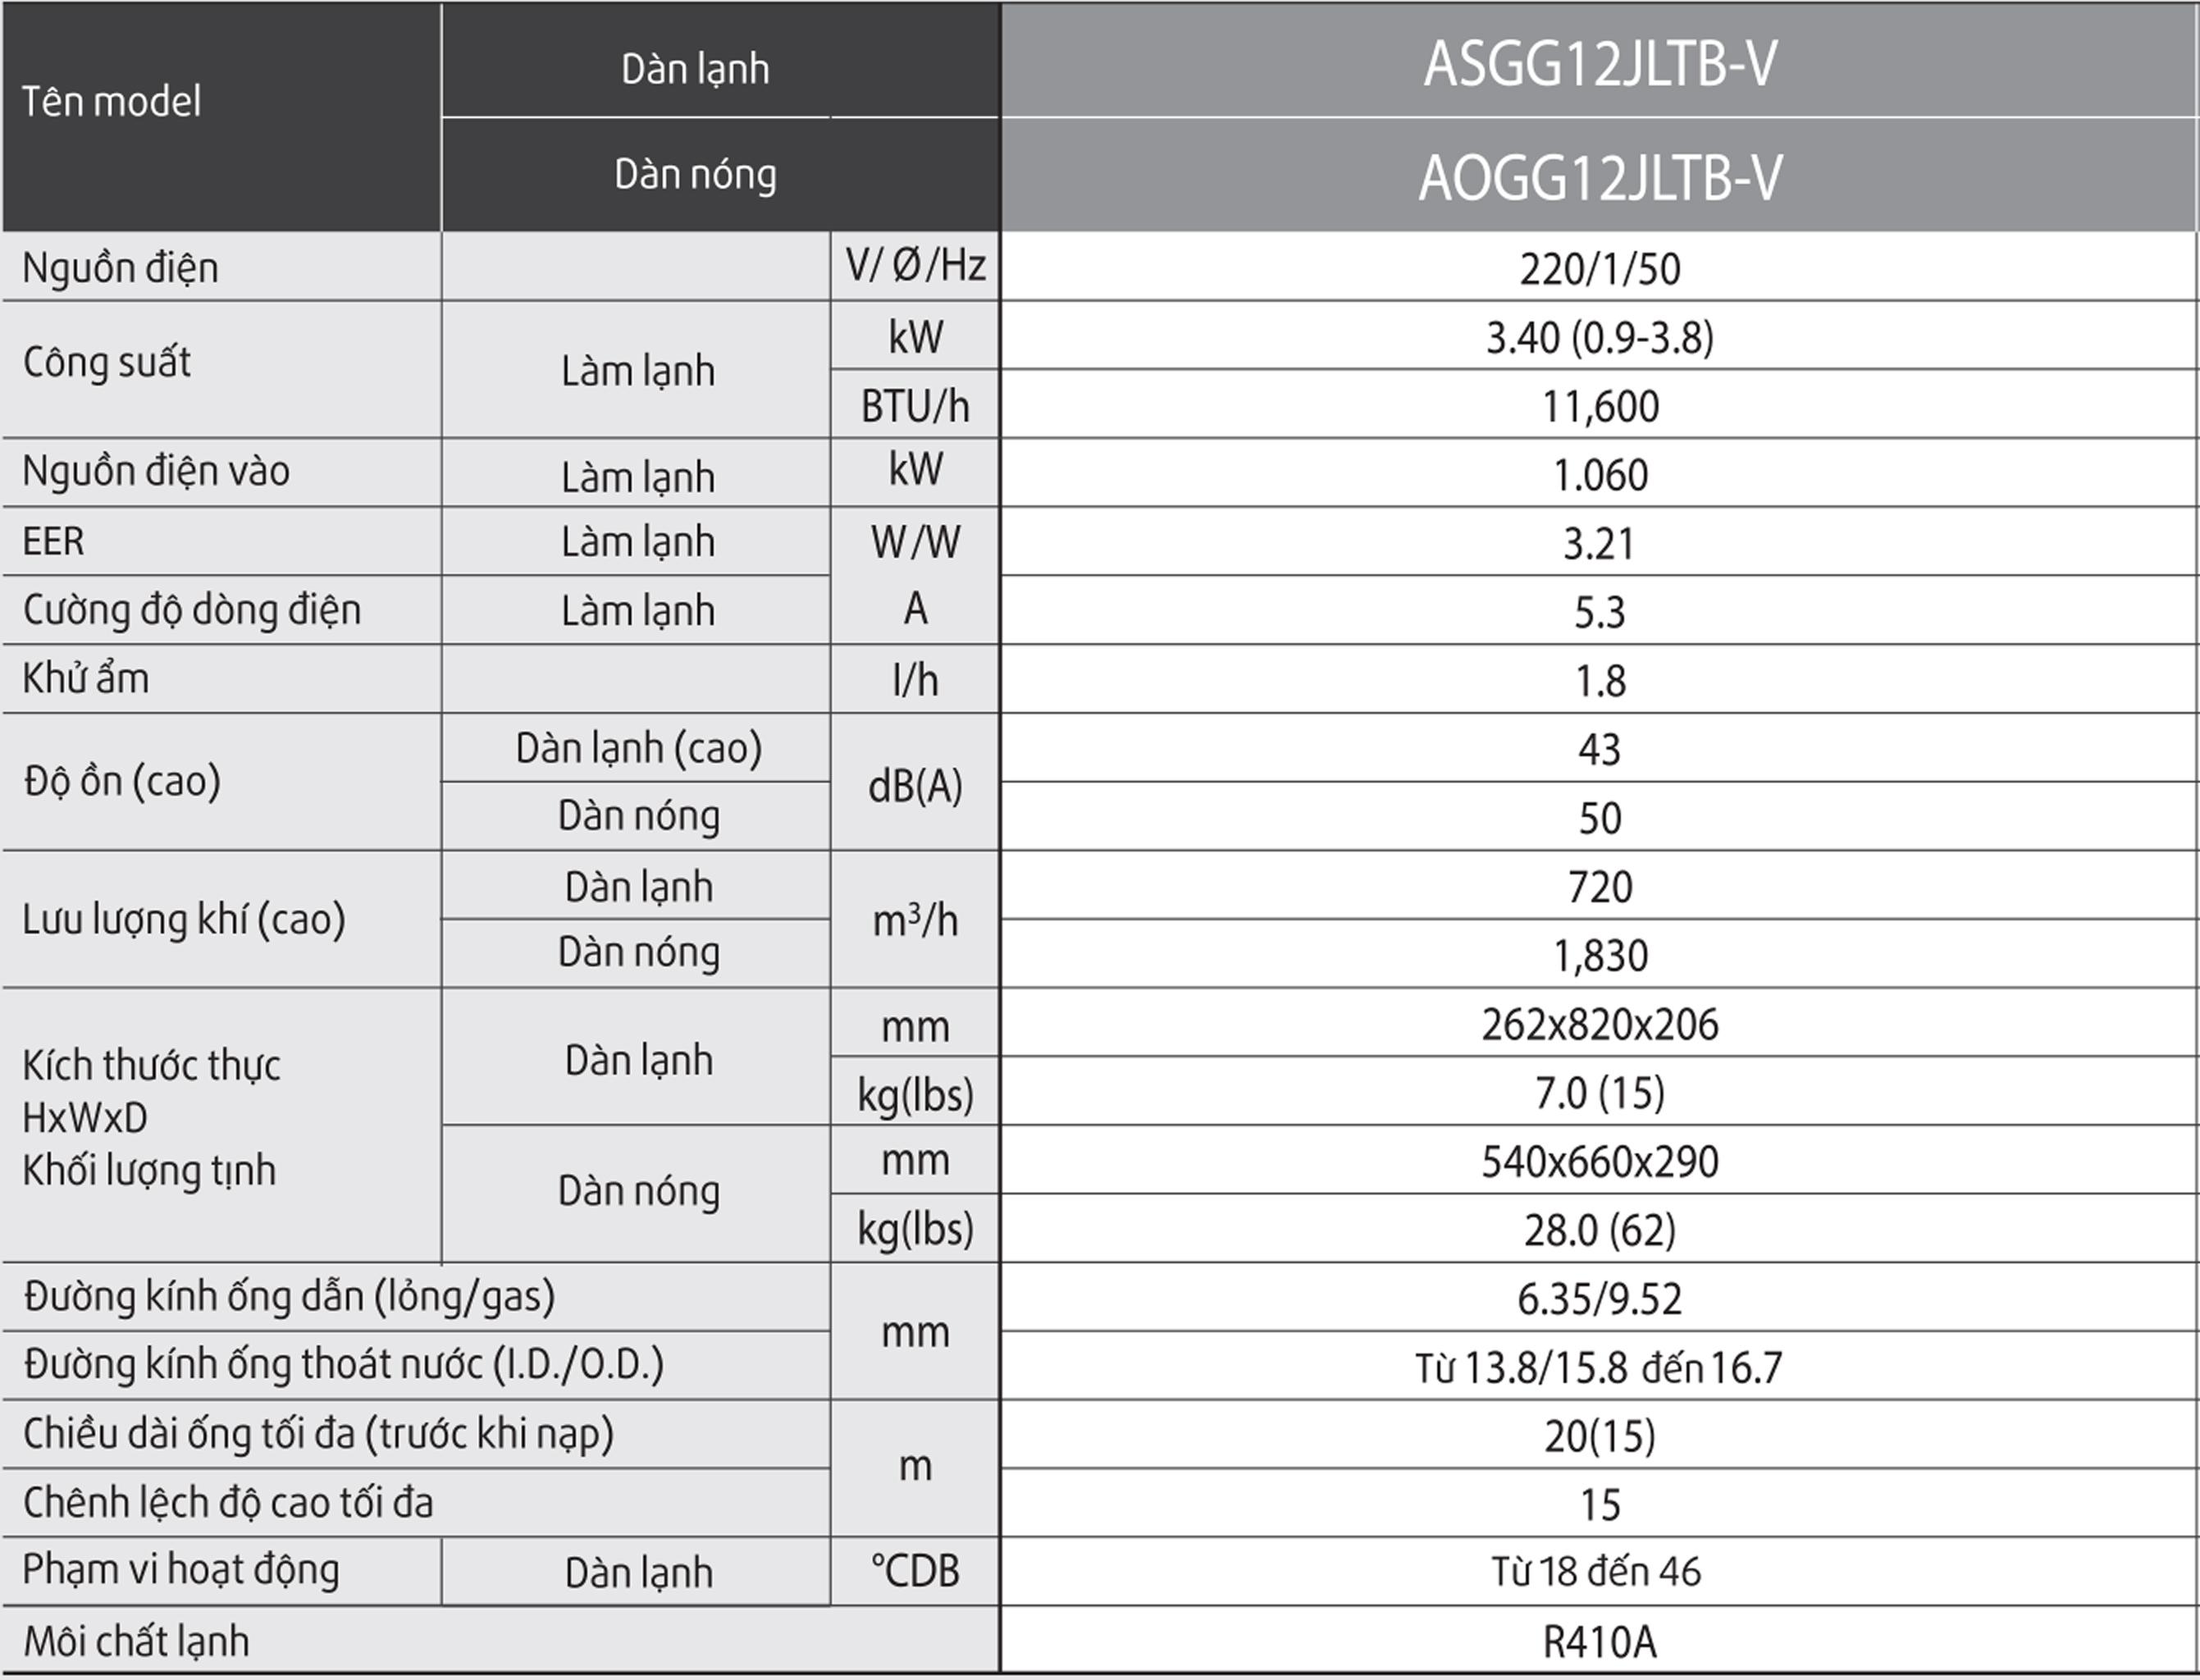 ASGG12JLTB-V